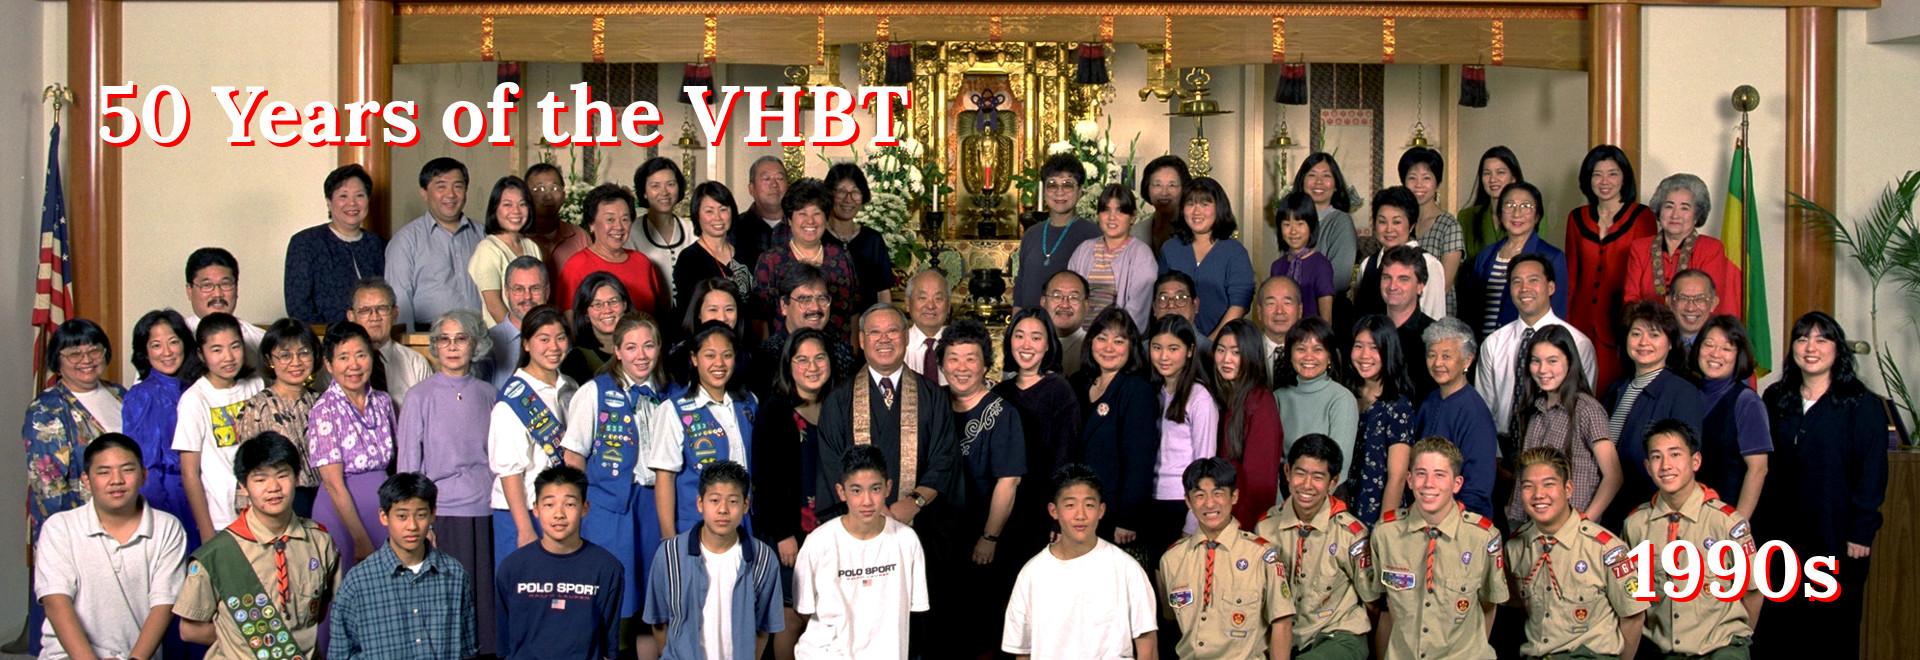 VHBT 1990s